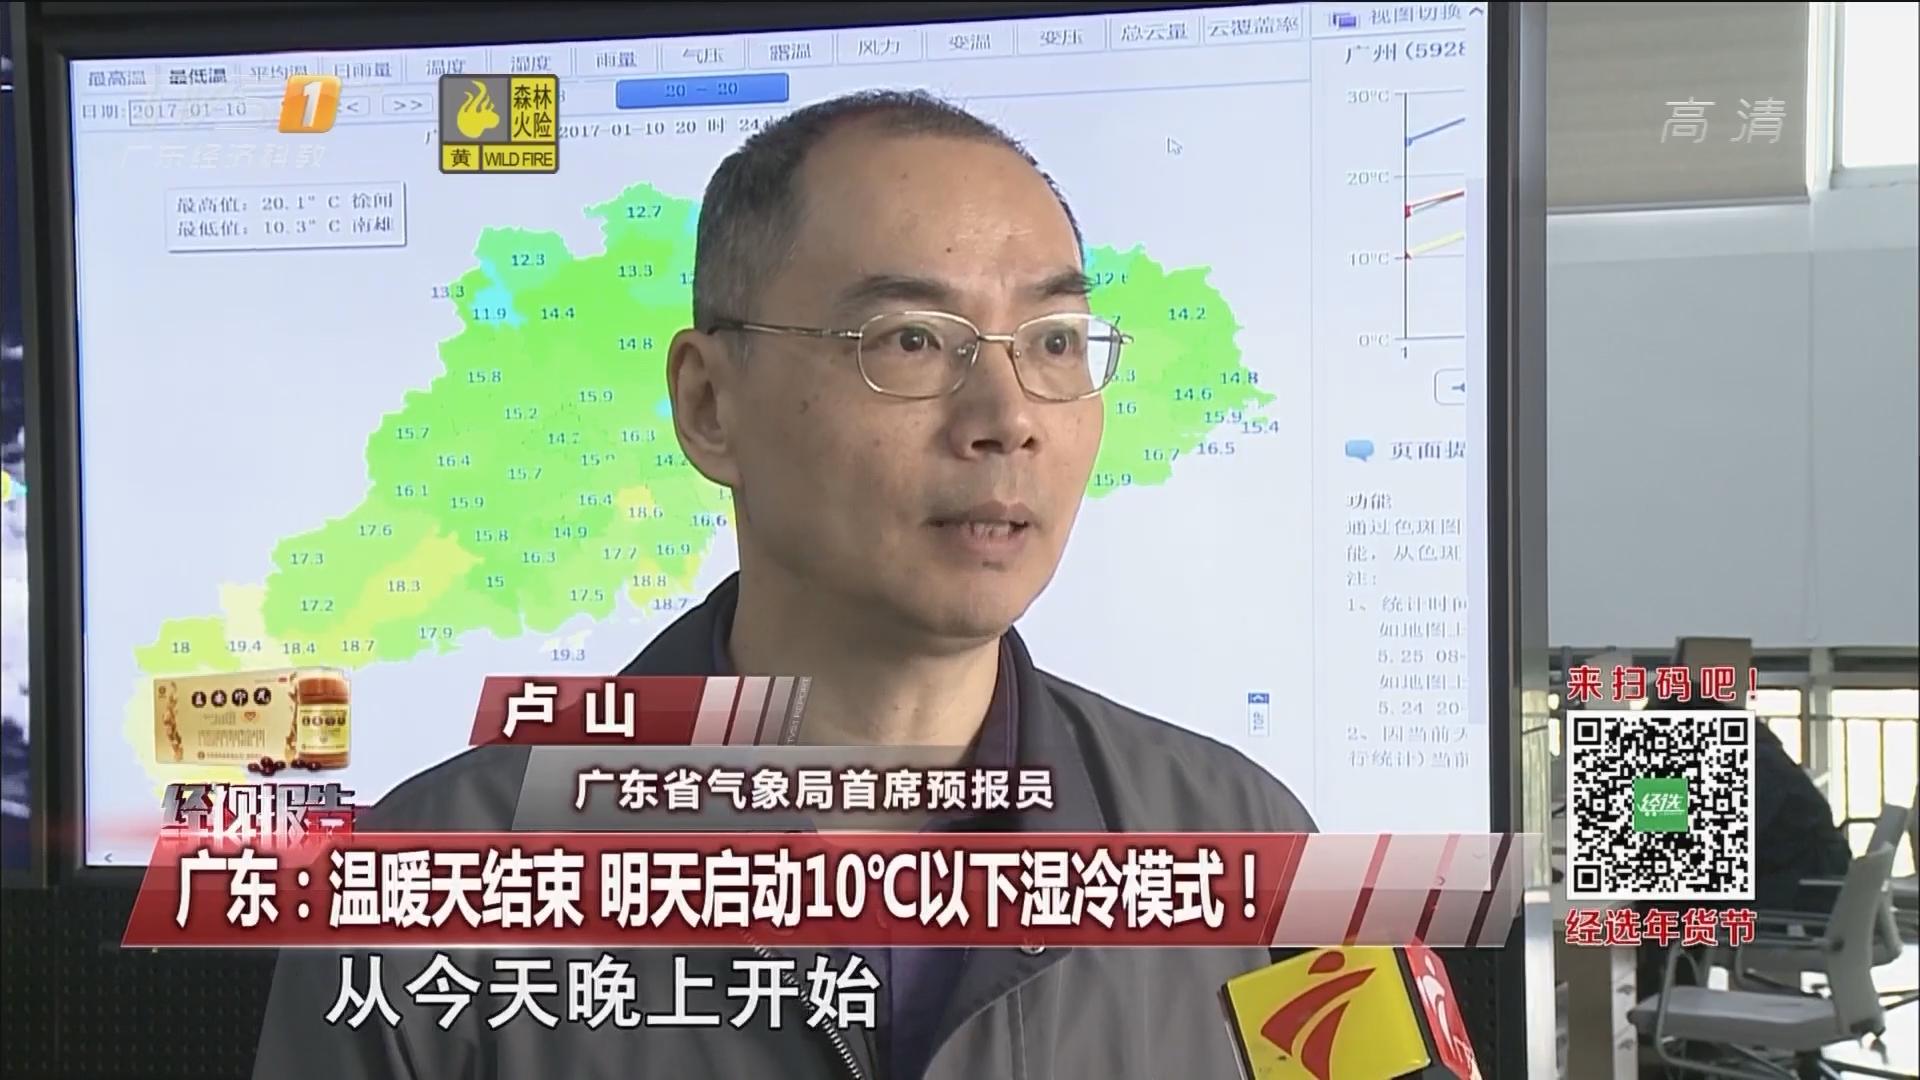 广东:温暖天结束 明天启动10℃以下湿冷模式!